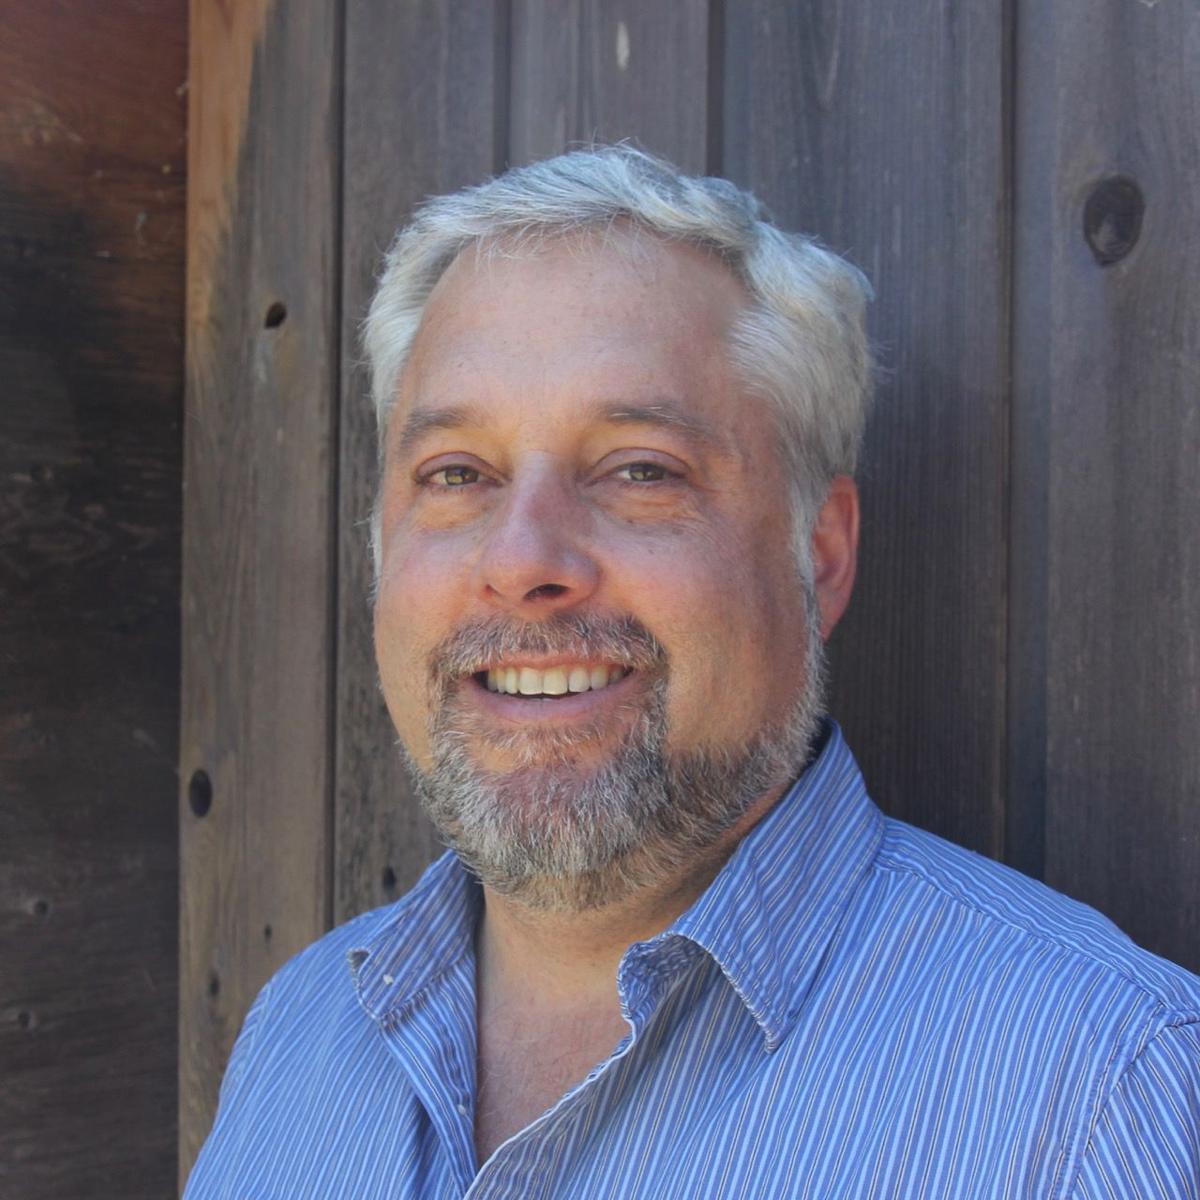 Bryan von Lossberg